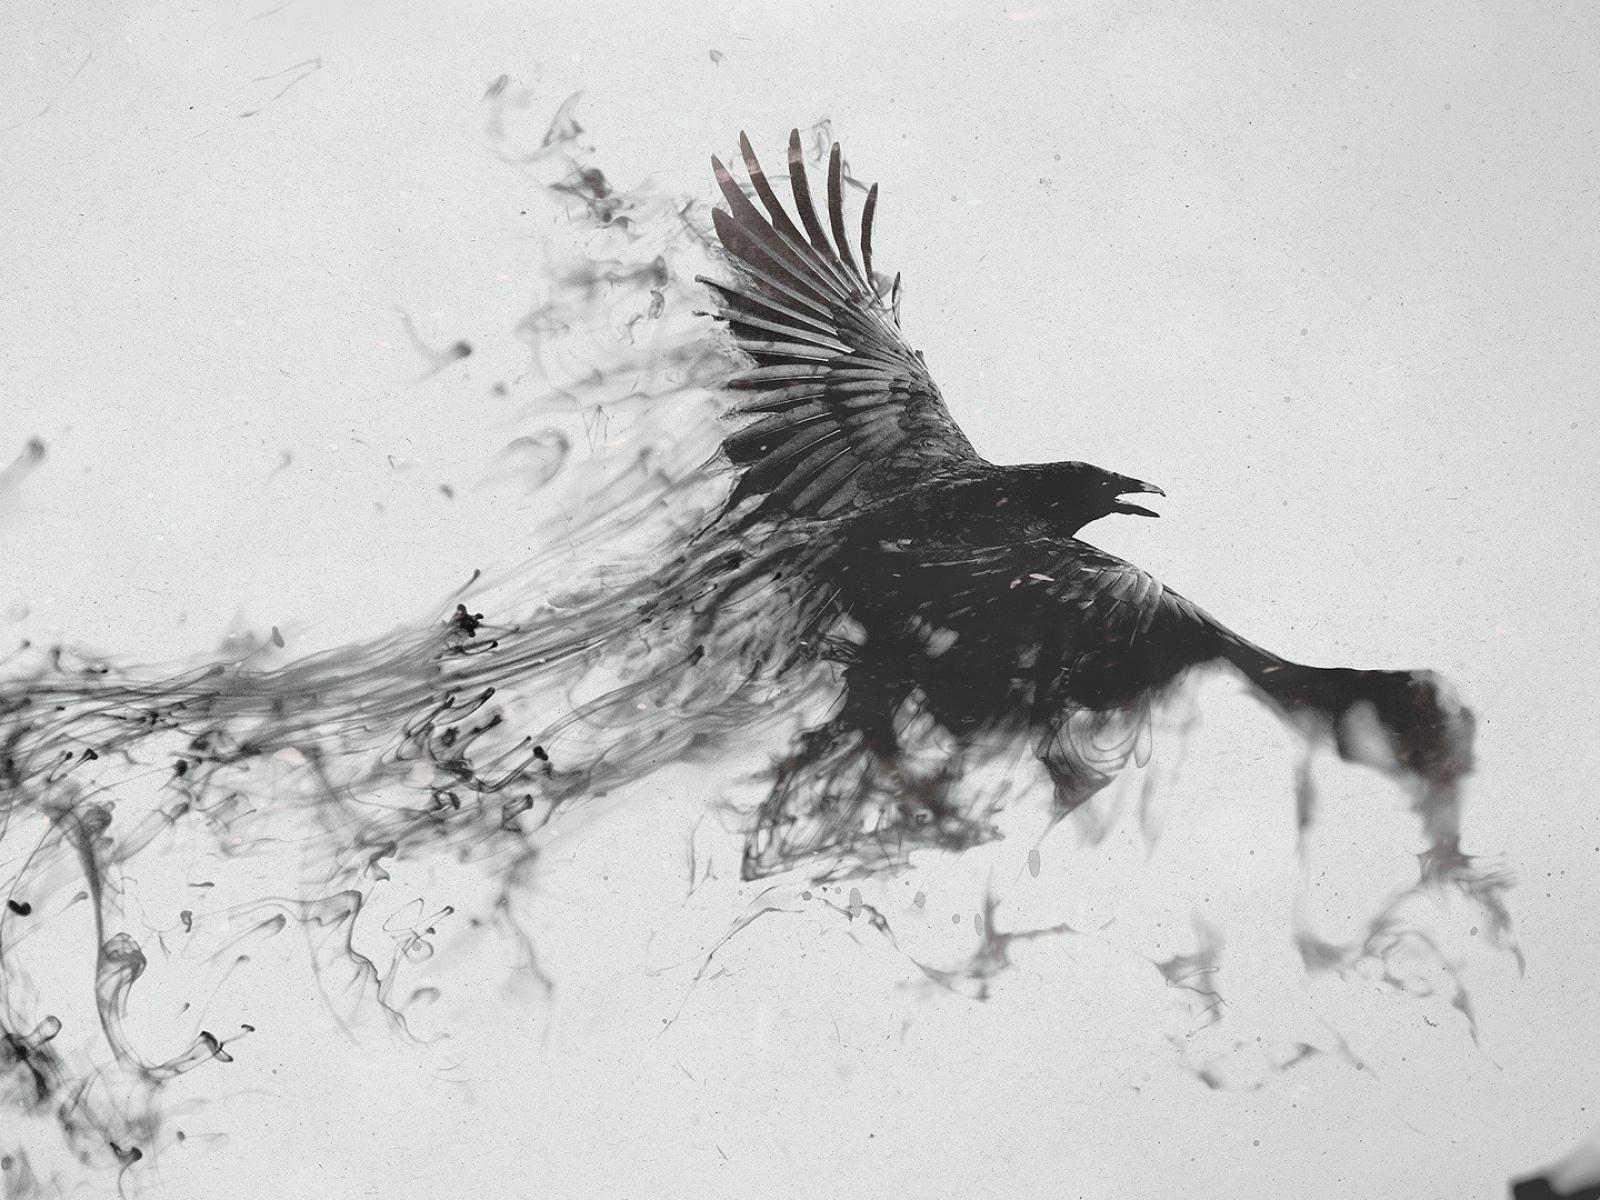 Drawn raven smoke 1600x1200 black Wallpaper smoke smoke